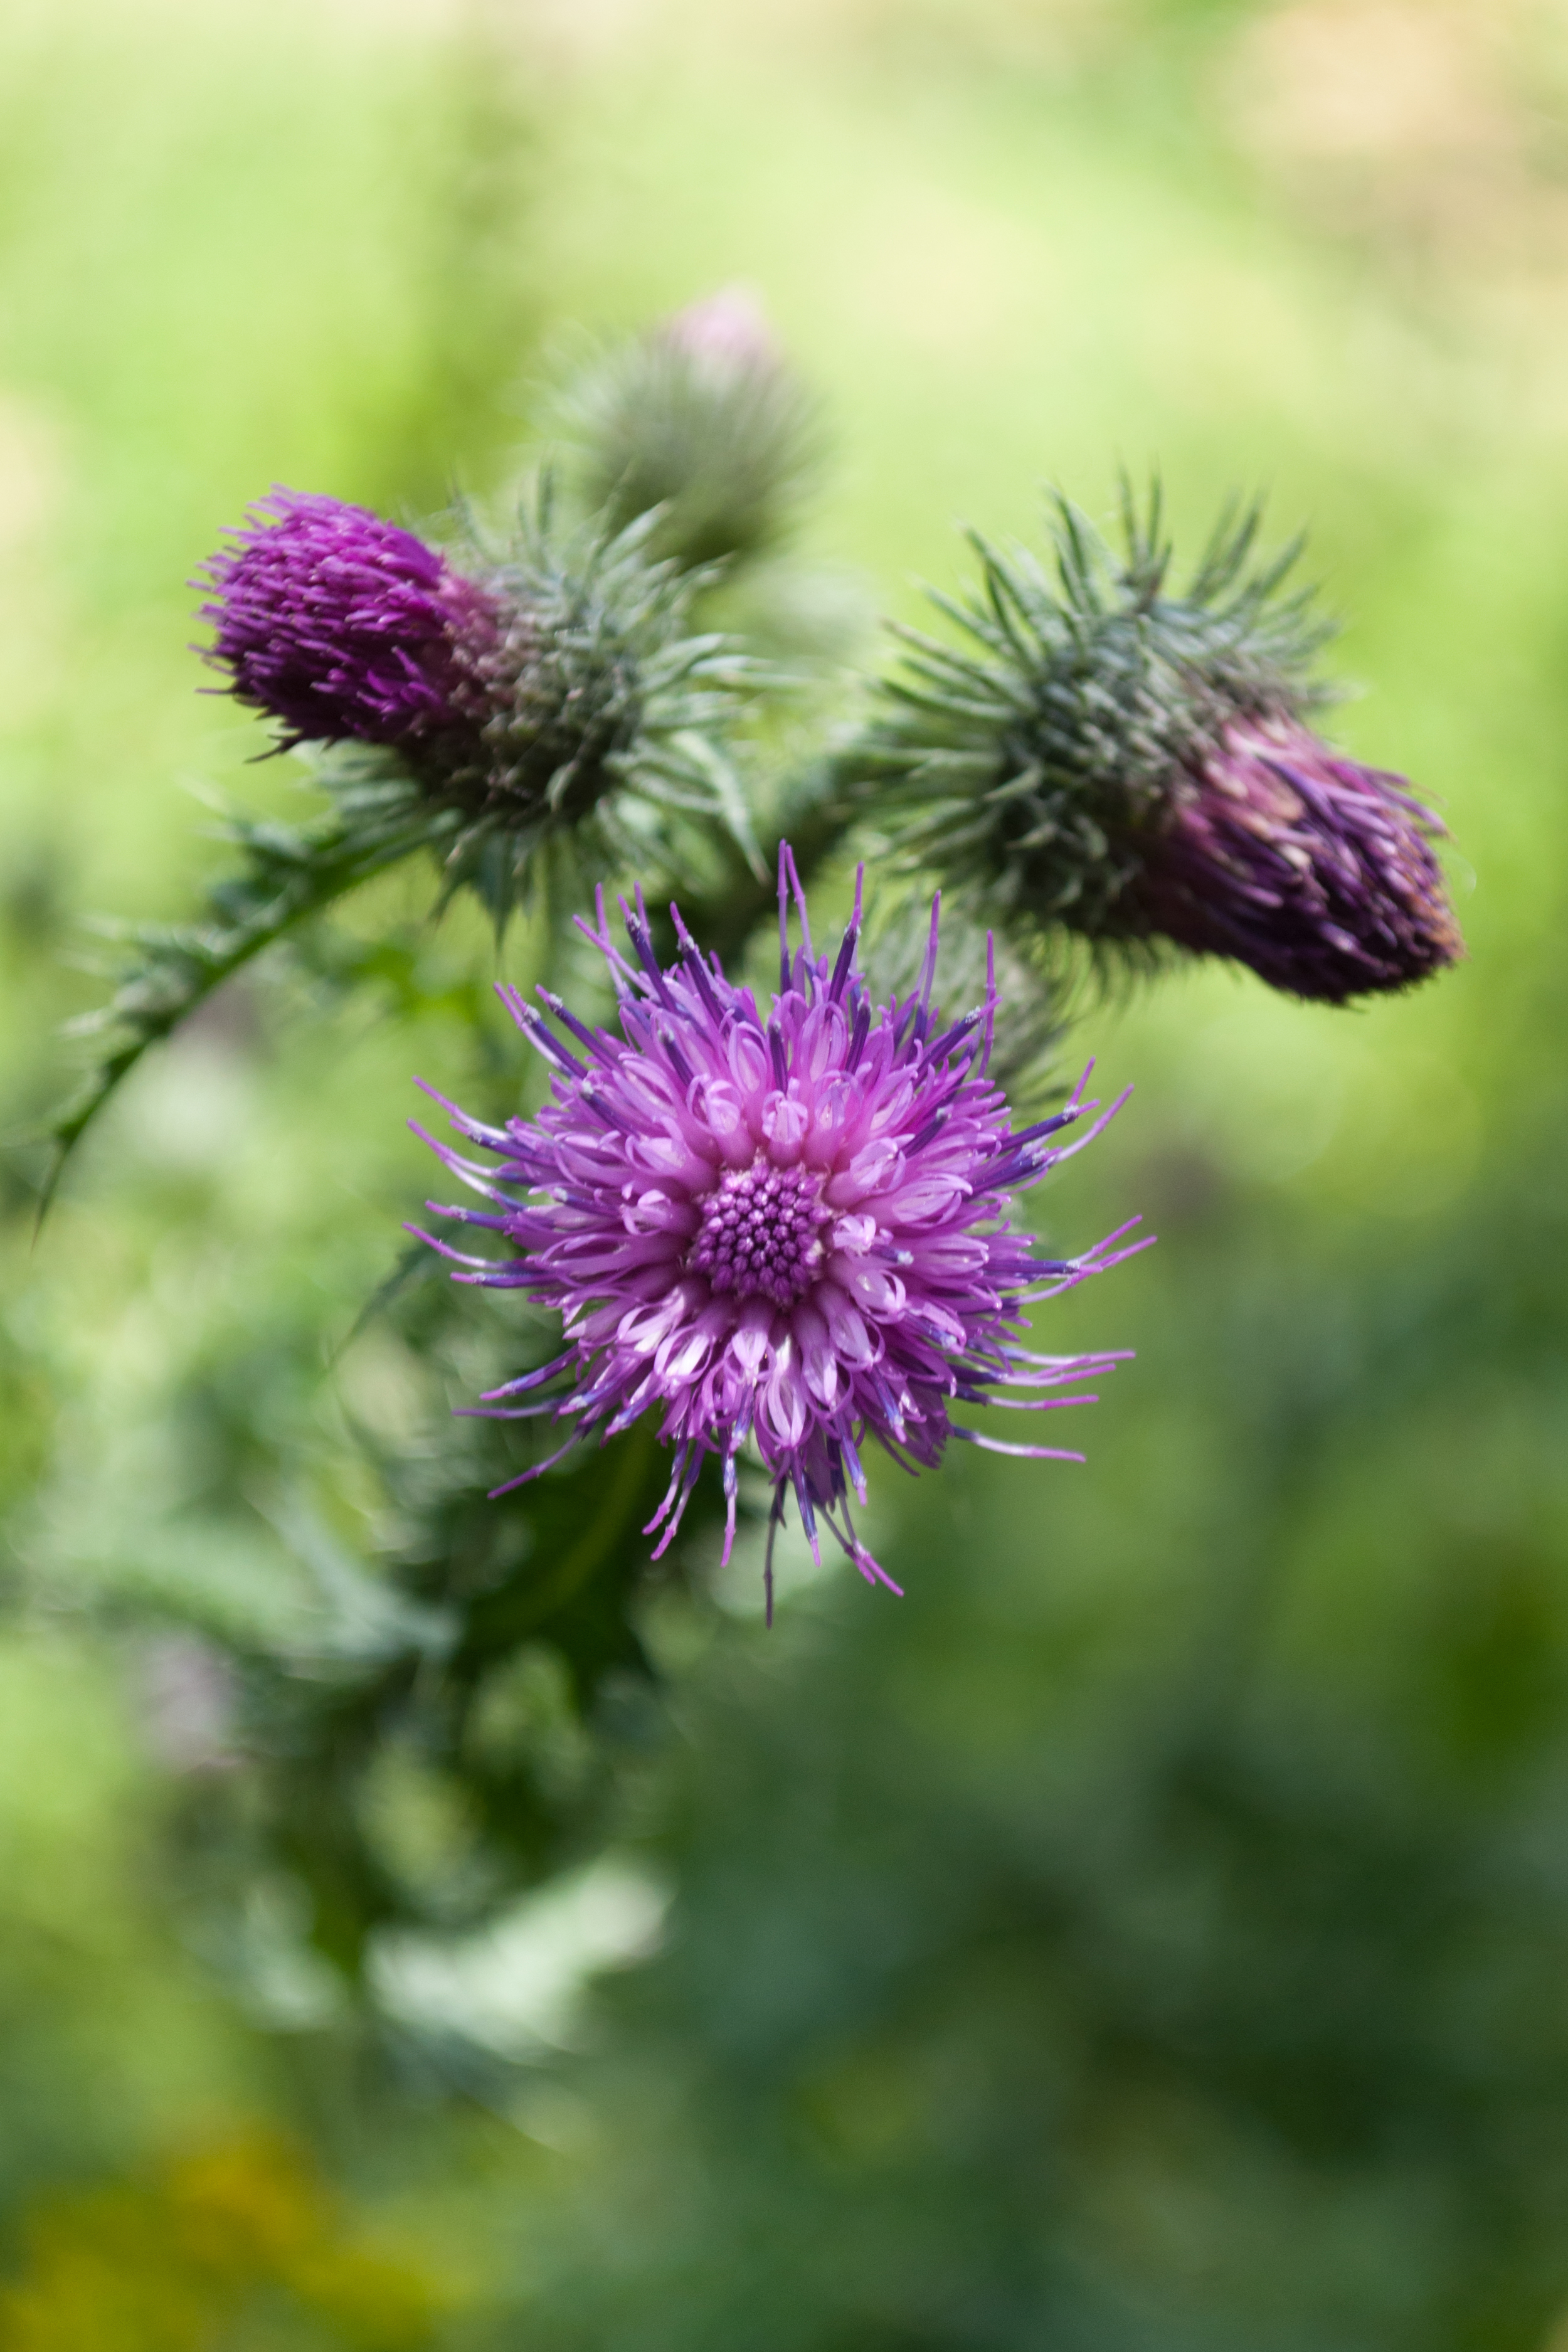 roza szkocji - 140706 - DSC_1420-3.jpg